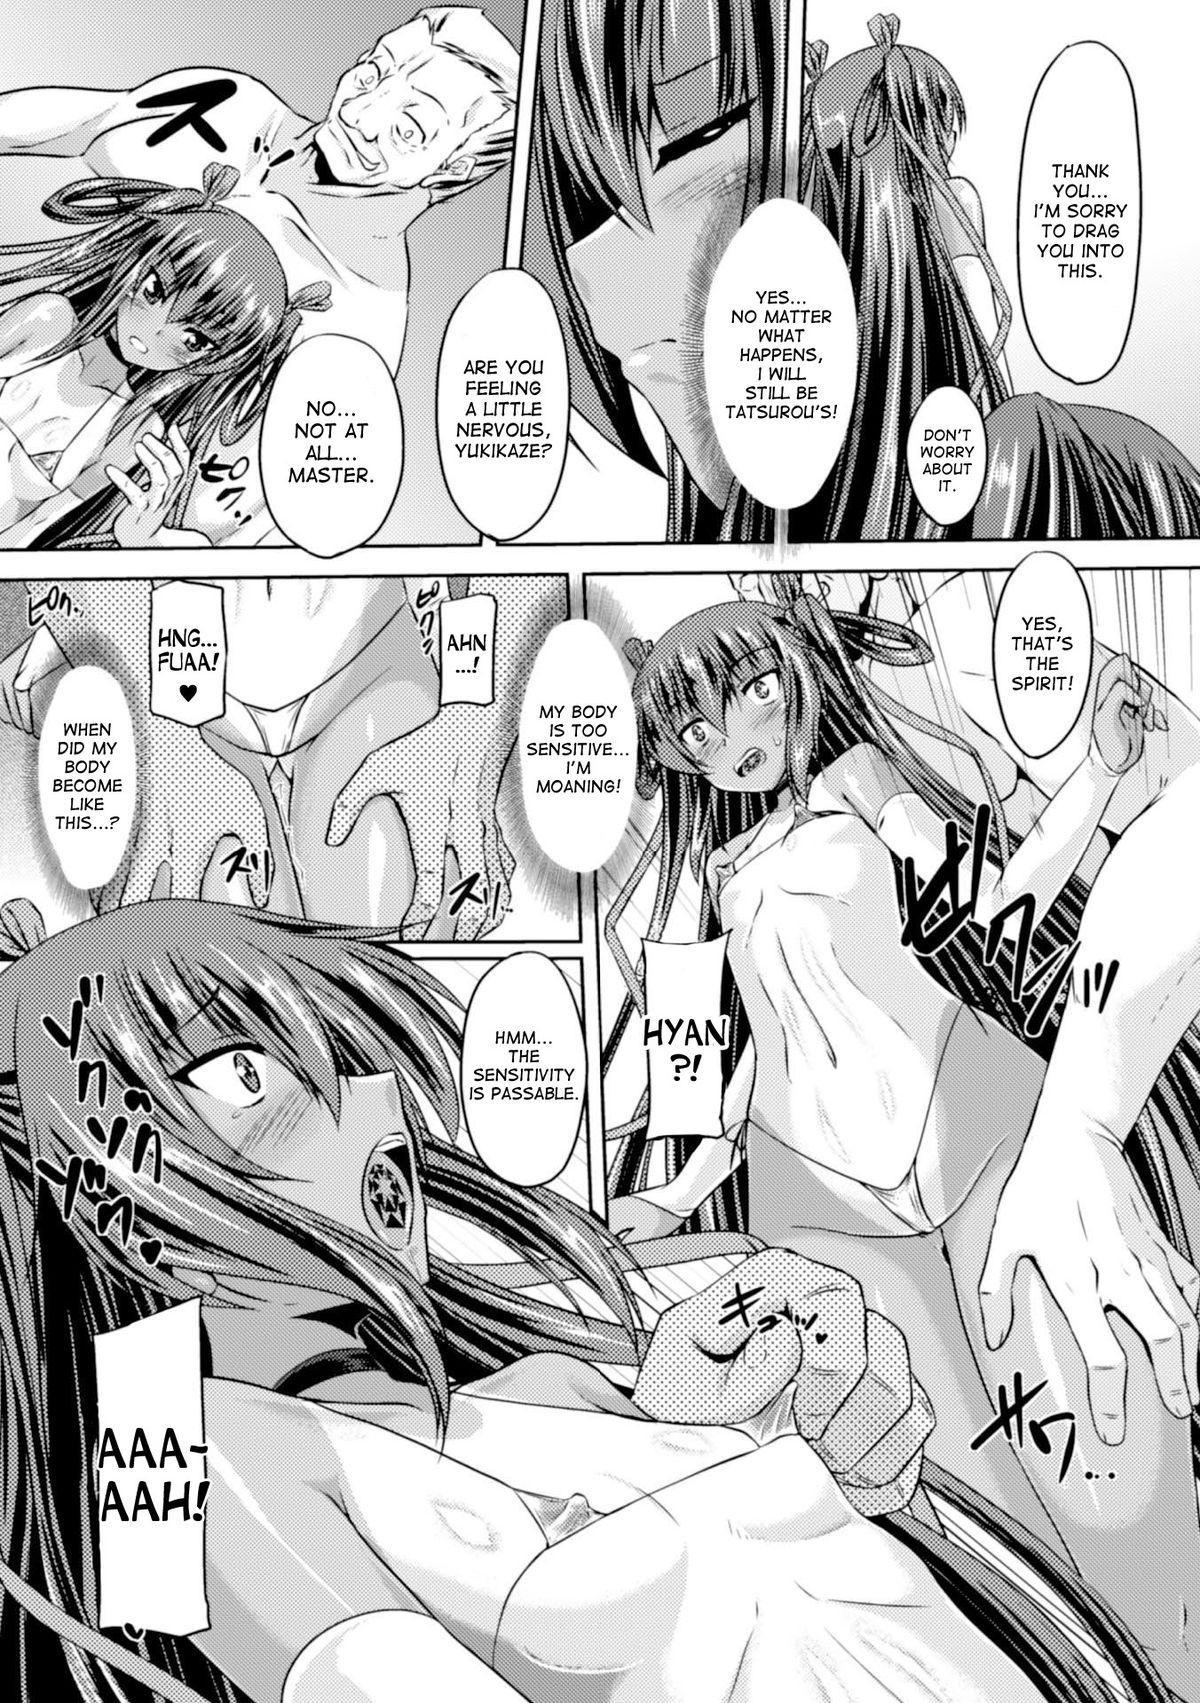 [Gonzaburo-] Taimanin Yukikaze - Taimanin wa Ingoku ni Shizumu #1-6 | Taimanin Yukikaze - Taimanin's fall into the lewd hell #1-5 [English] [desudesu] [Digital] 40